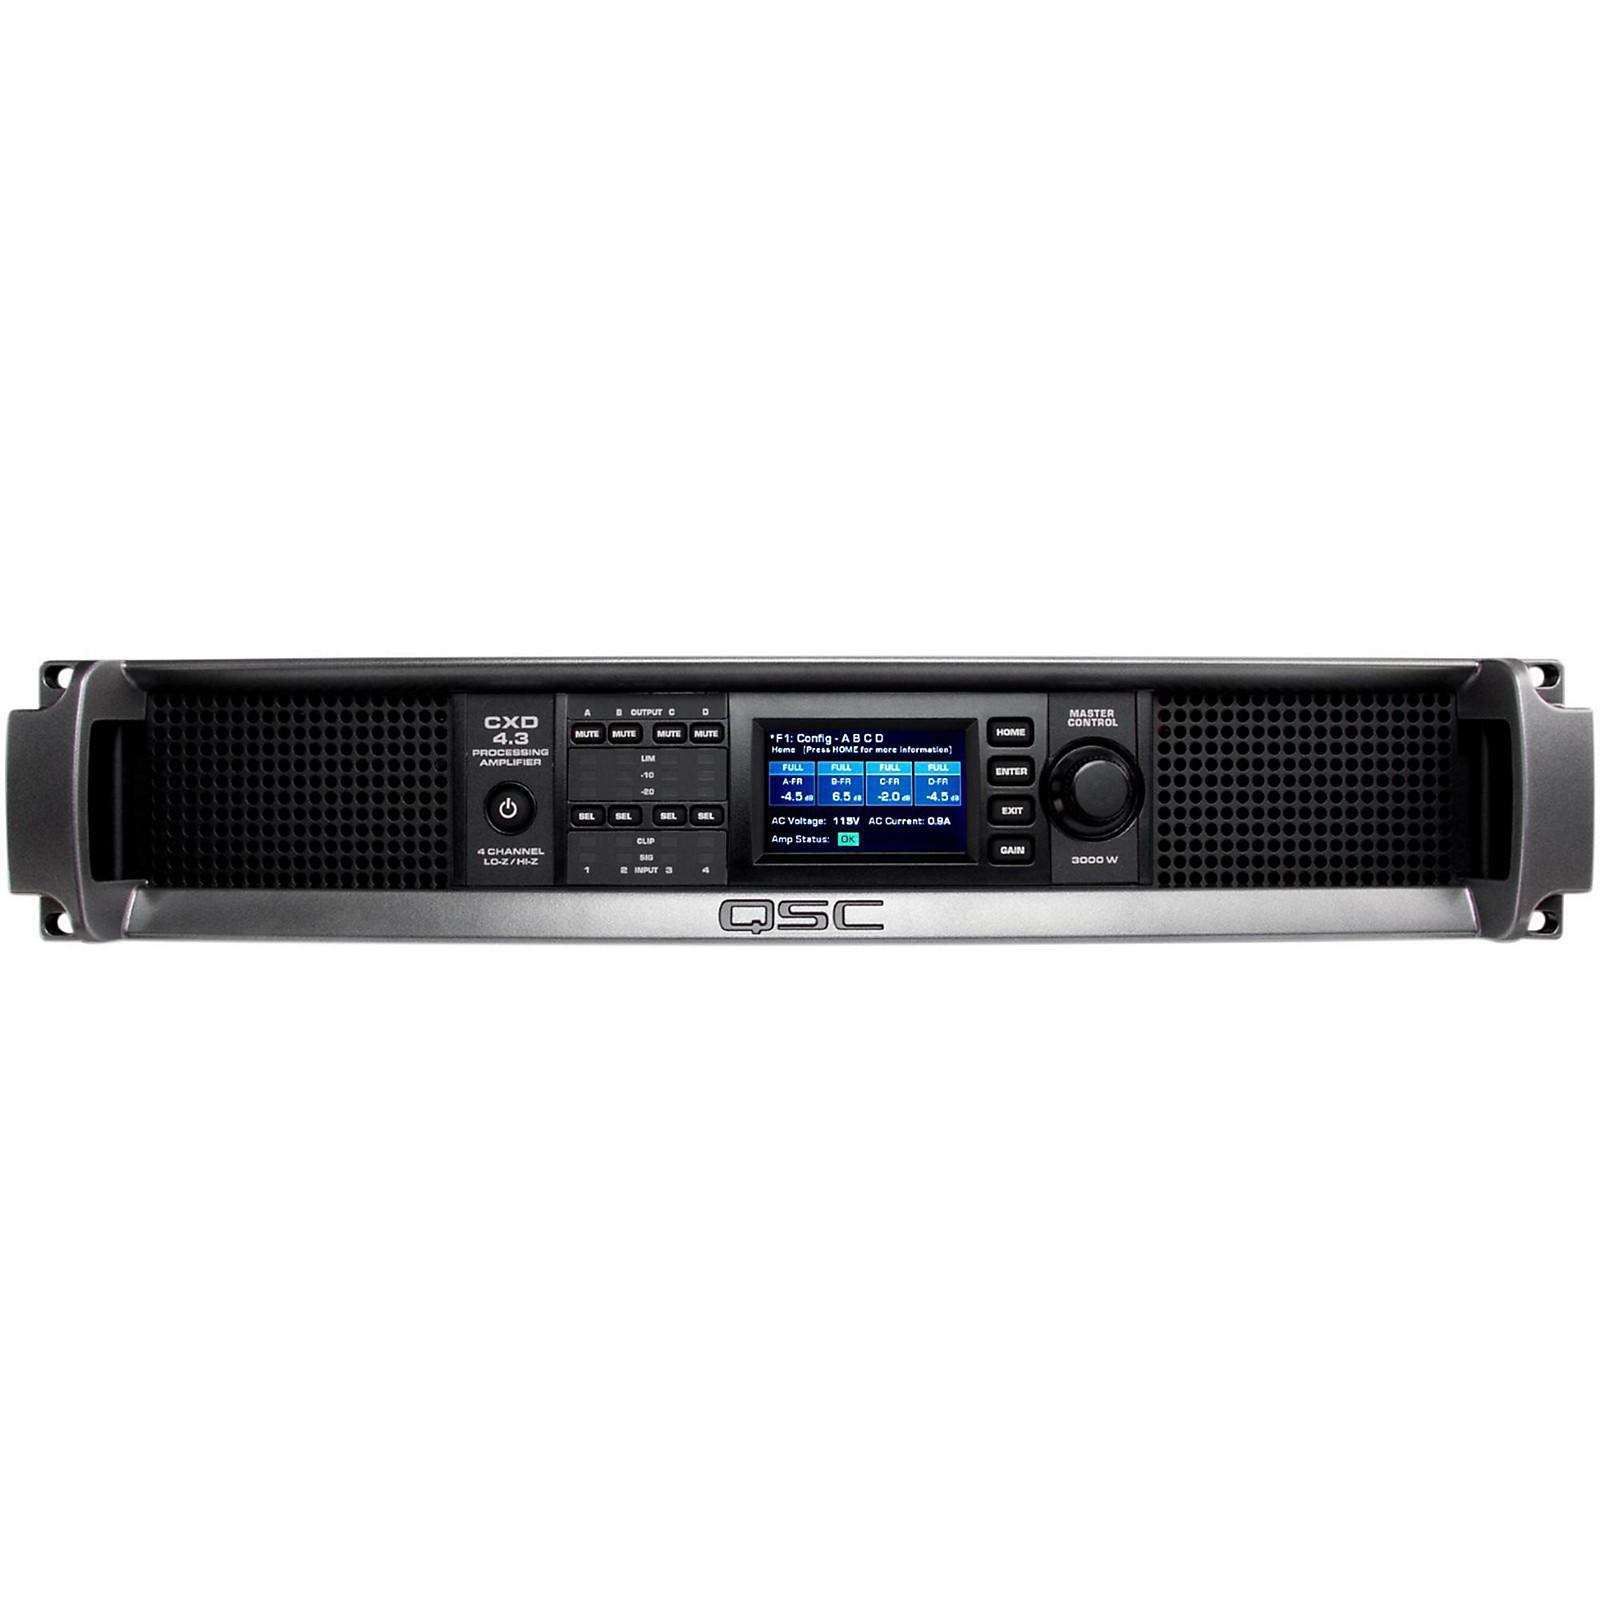 QSC CXD4.3 Multi Channel DSP Amplifier